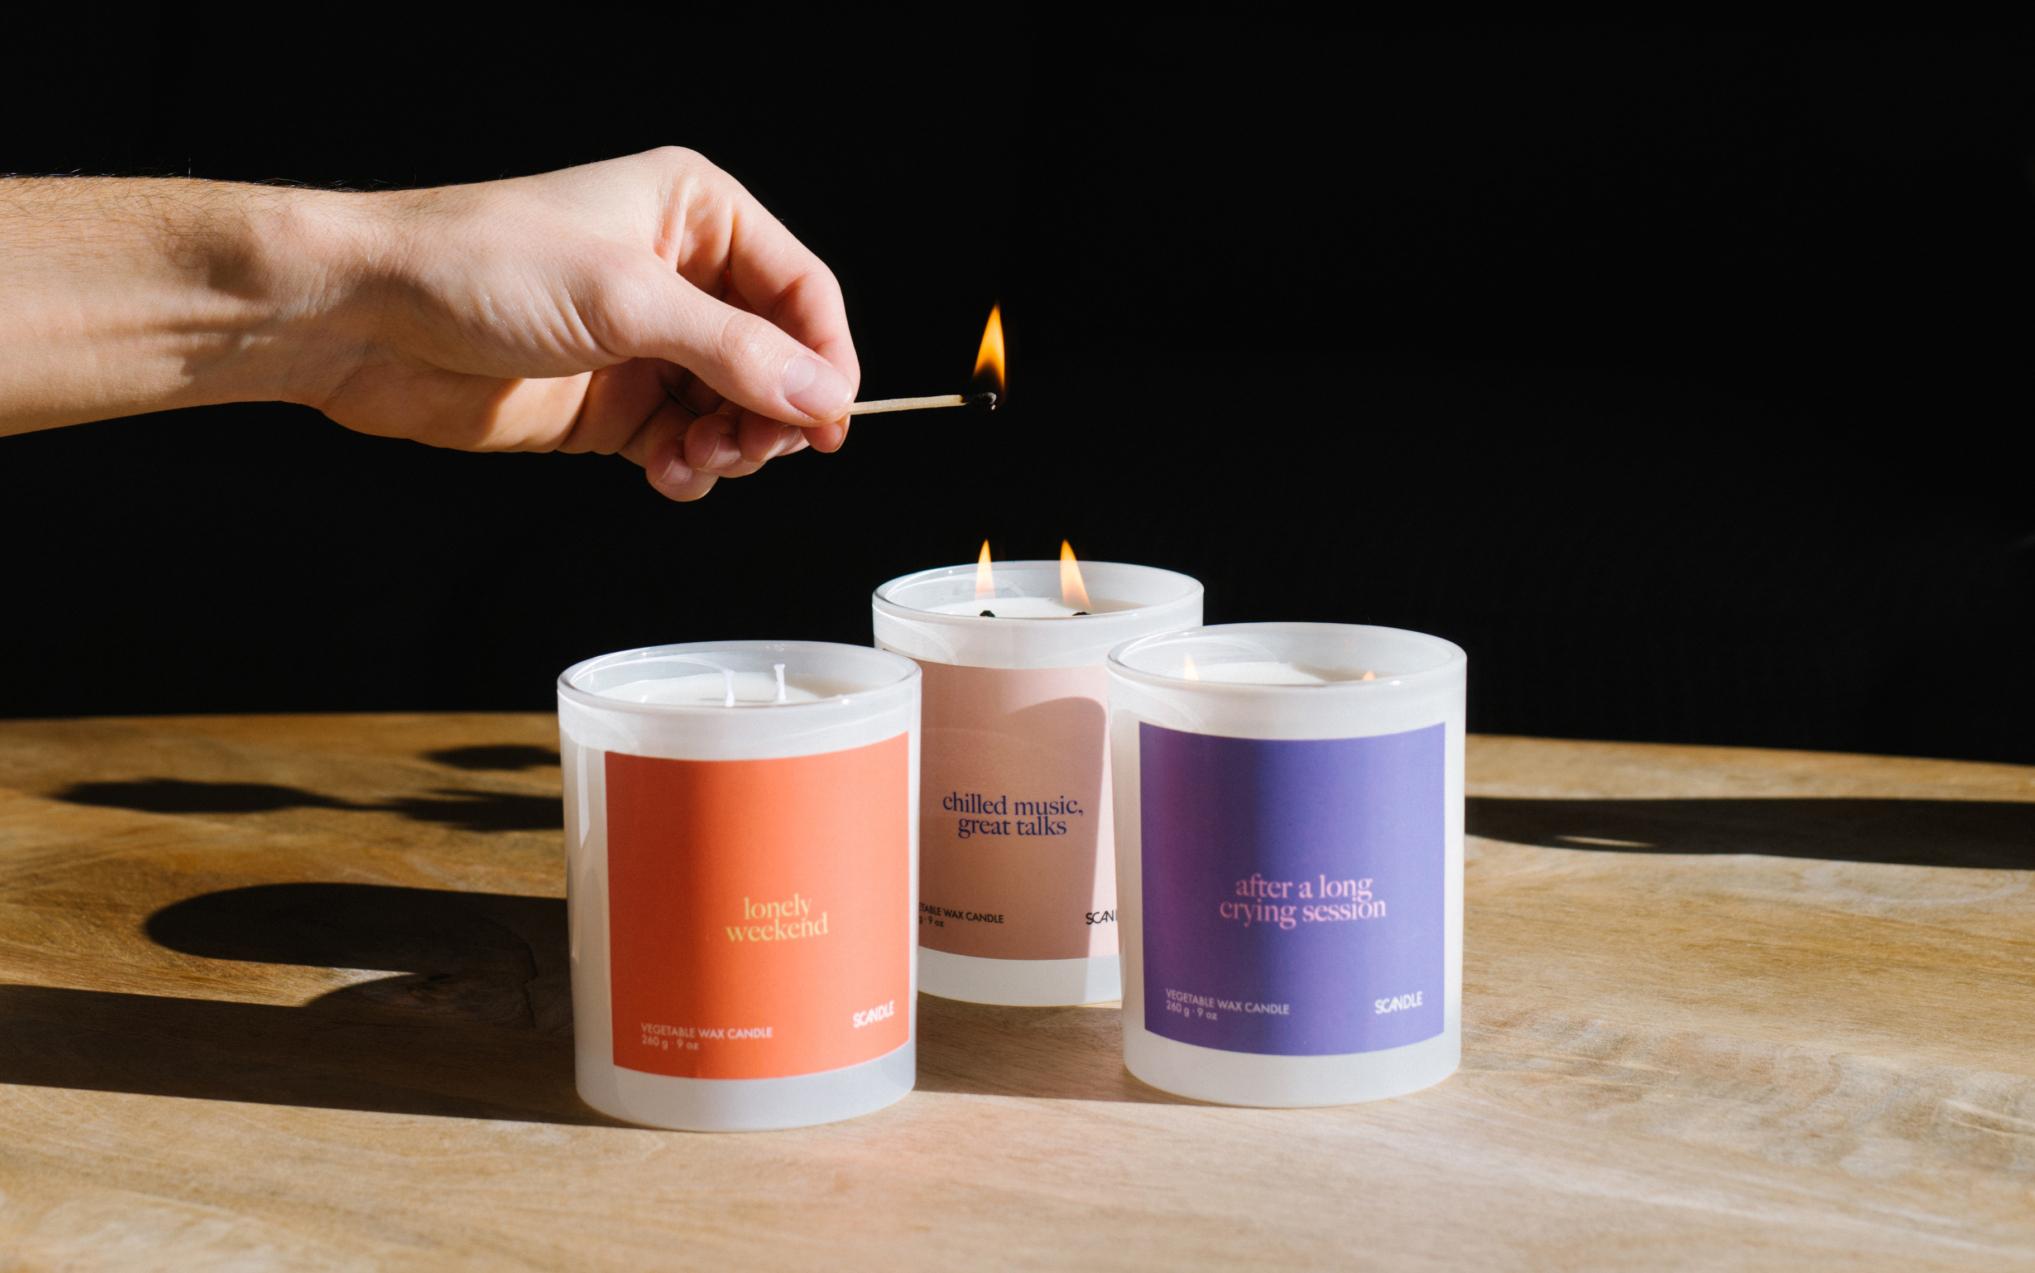 Scandle fusiona aroma y música en una vela de lo más especial